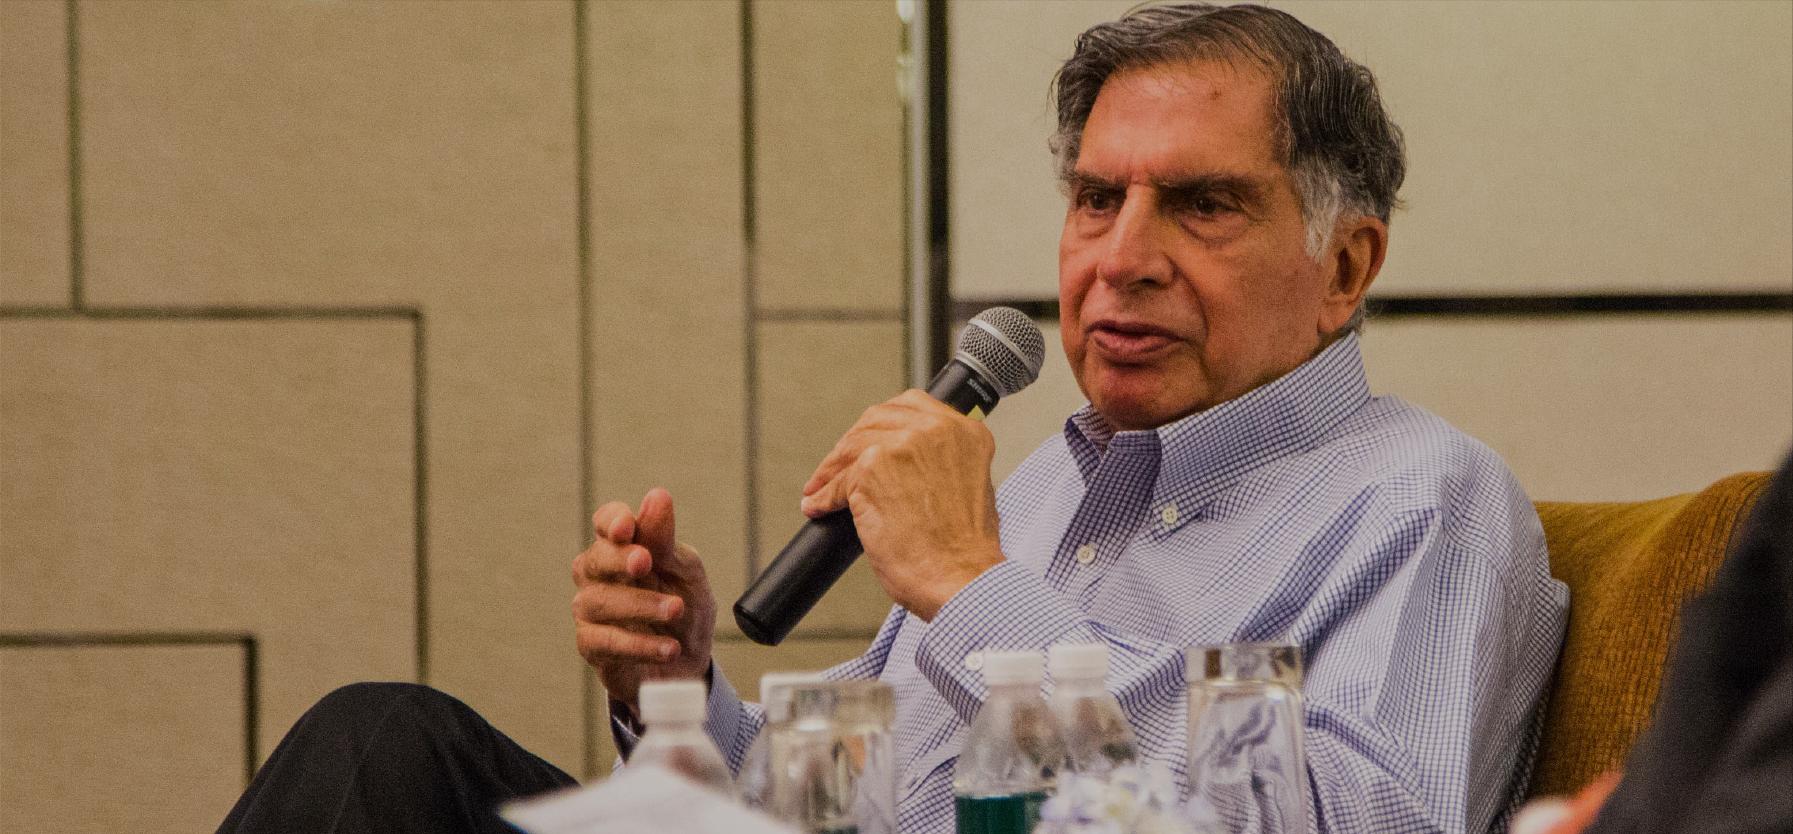 Top Indian Entrepreneur- Ratan Tata